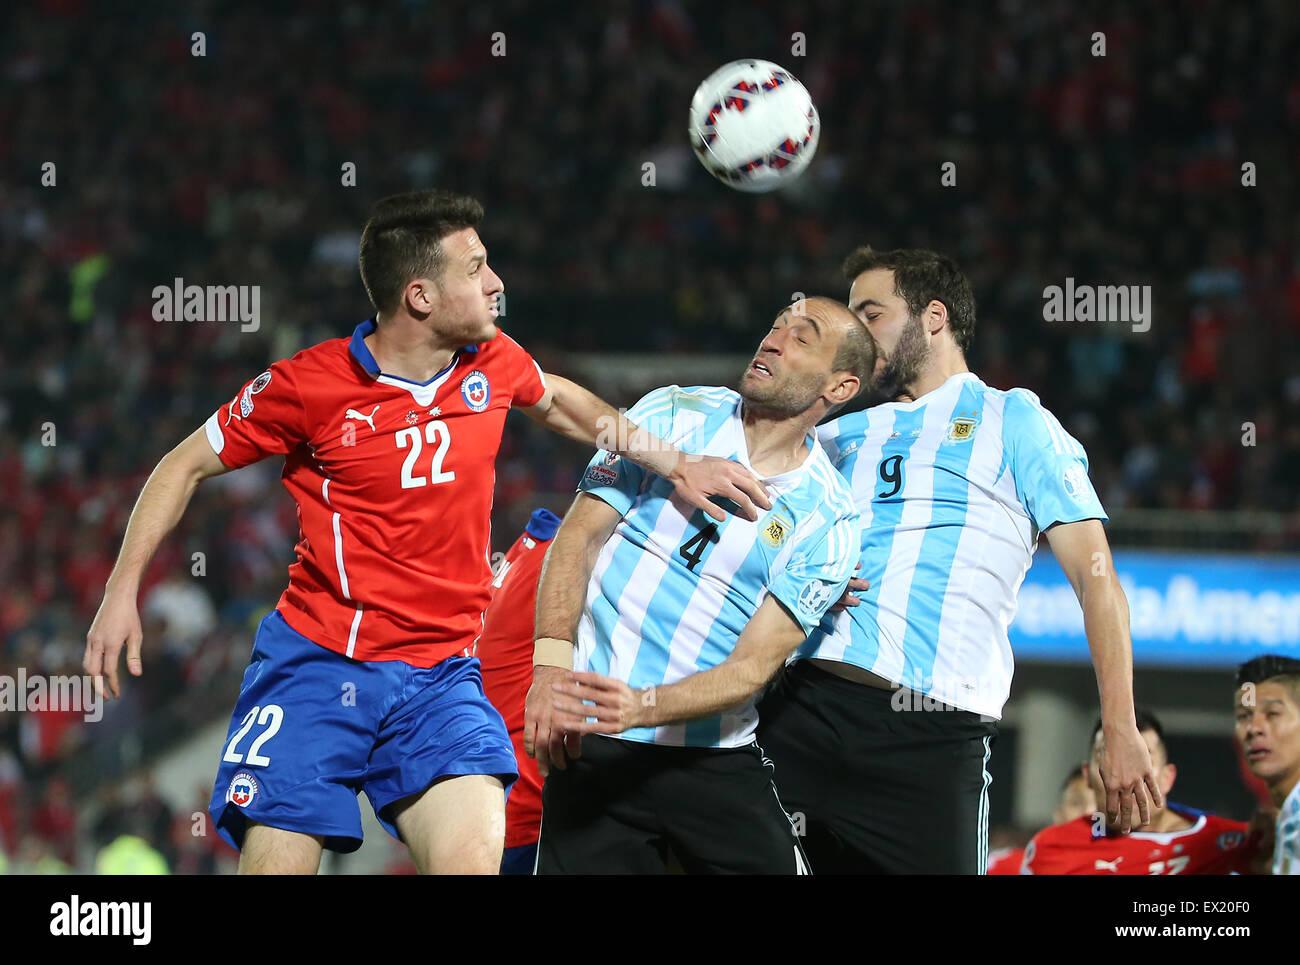 Santiago, Chile. 4. Juli 2015. Chiles Angelo Henriquez (L) wetteifert mit Argentiniens Pablo Zabaleta (C) und Gonzalo Stockbild